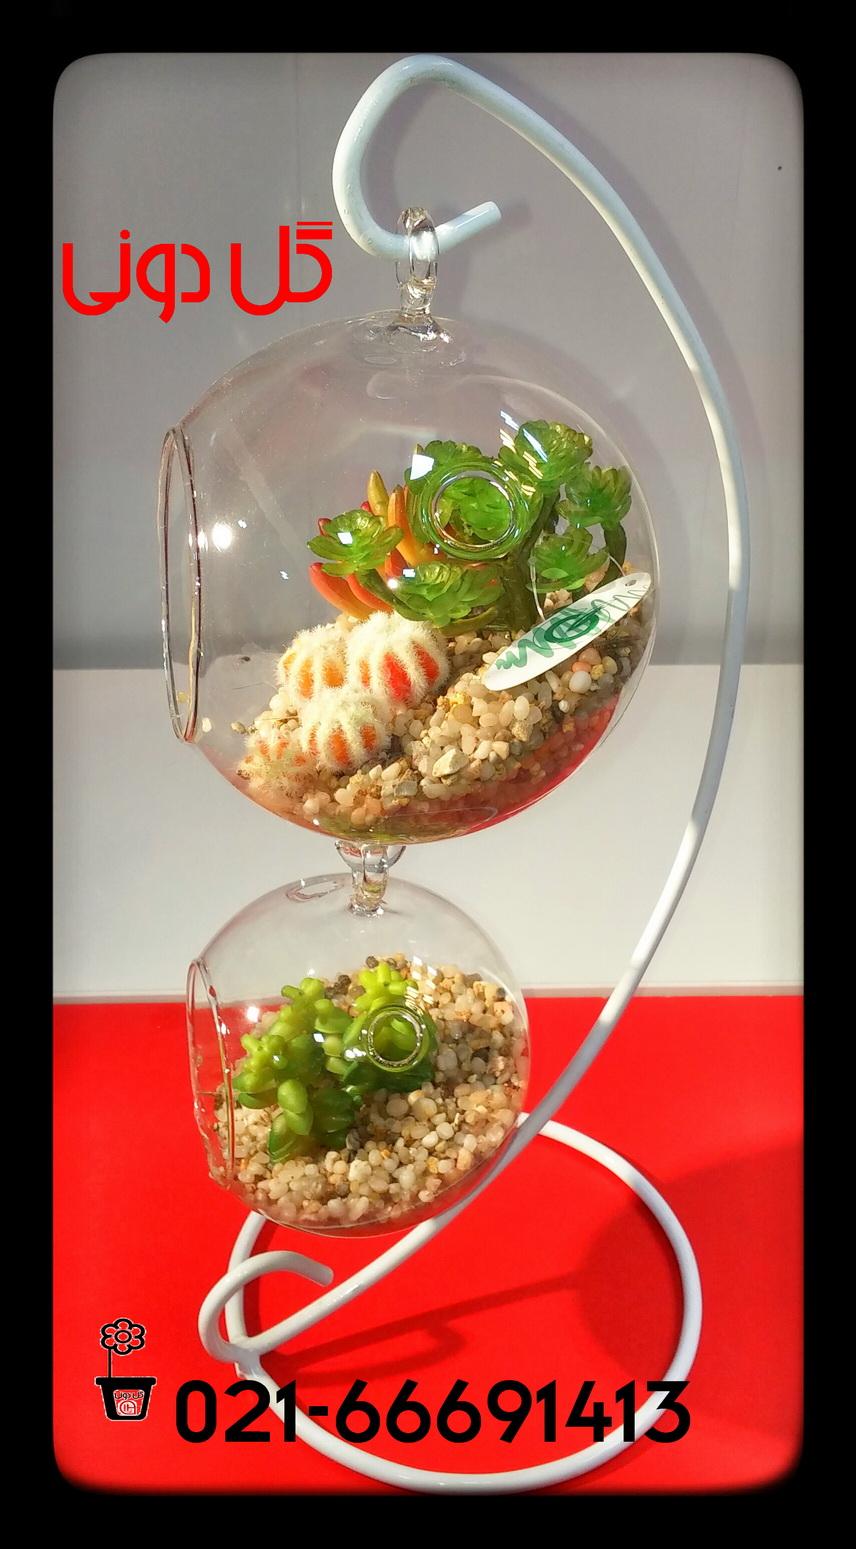 فروشگاه گل دونی 02166691413 - تراریوم ، فروشگاه گل دونی ، کاکتوس ...تزئینات گیاهی